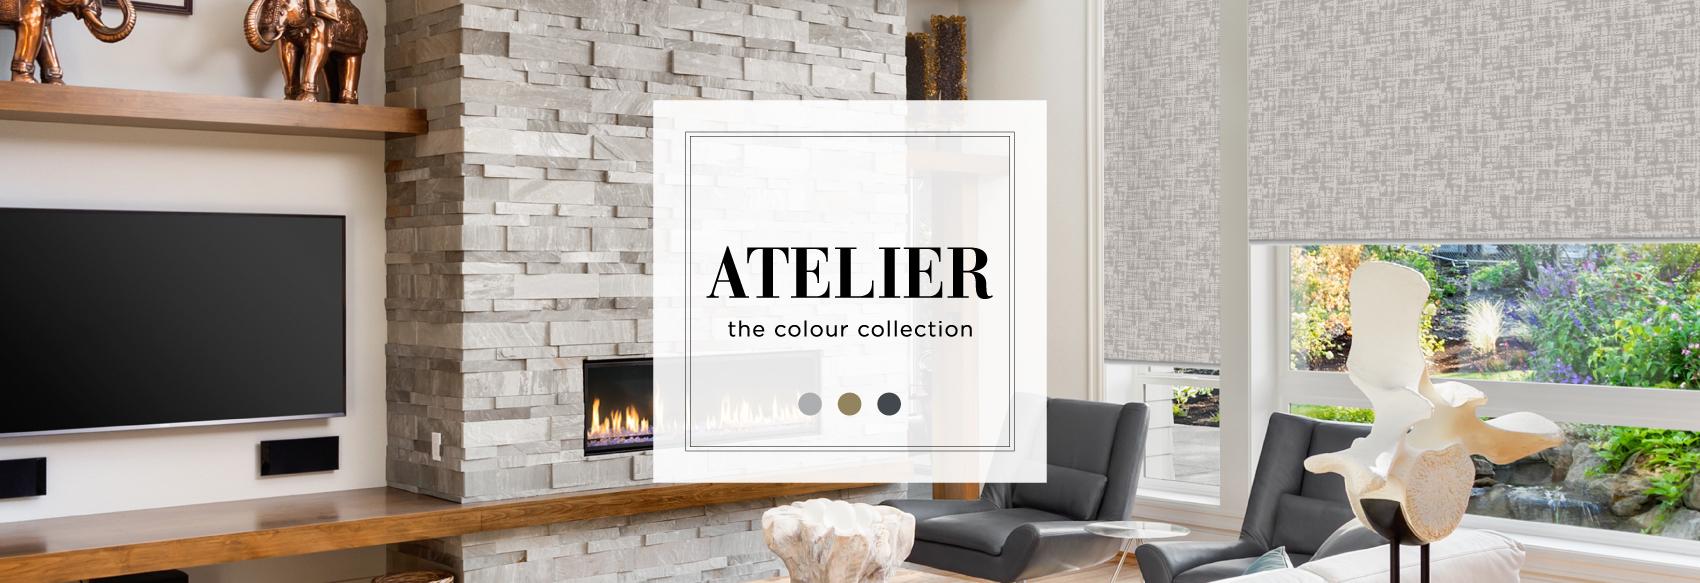 Atelier_Home1700x583